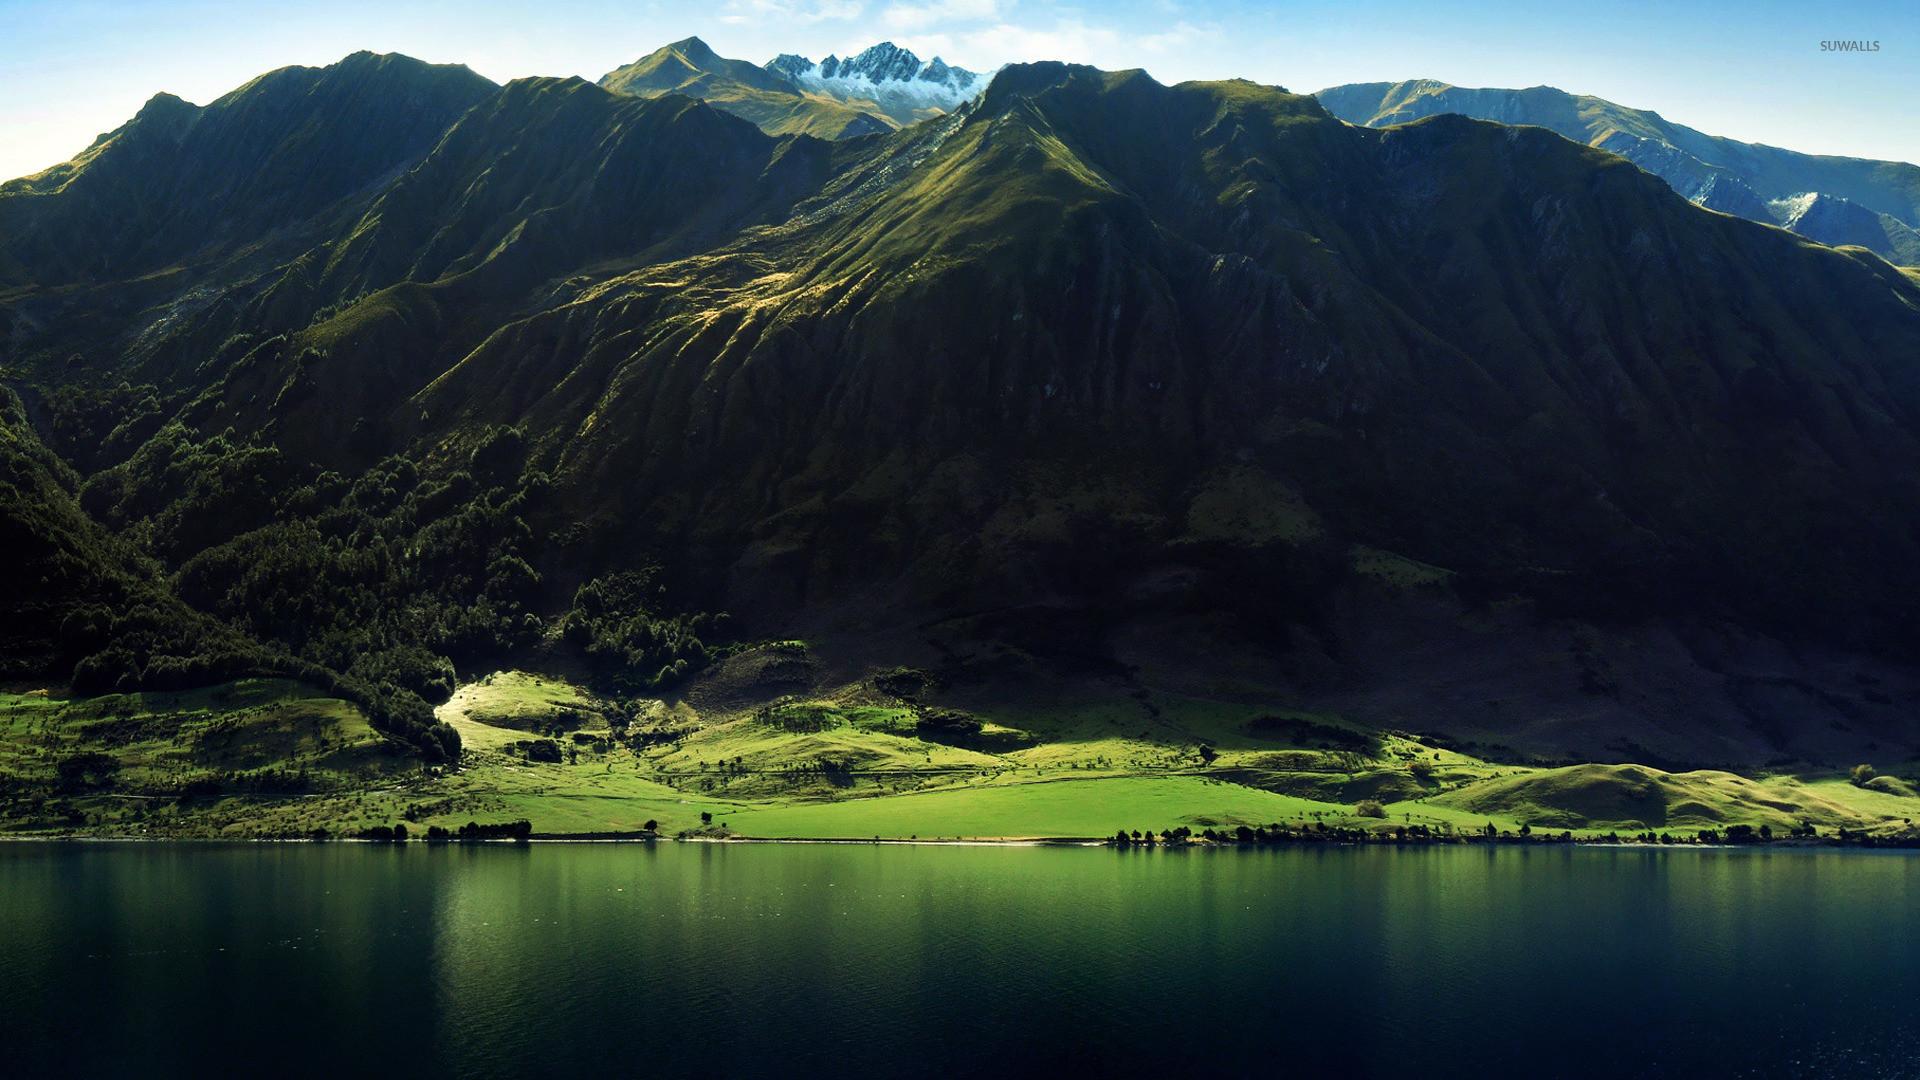 Mountain lake wallpaper – Nature wallpapers – #15886